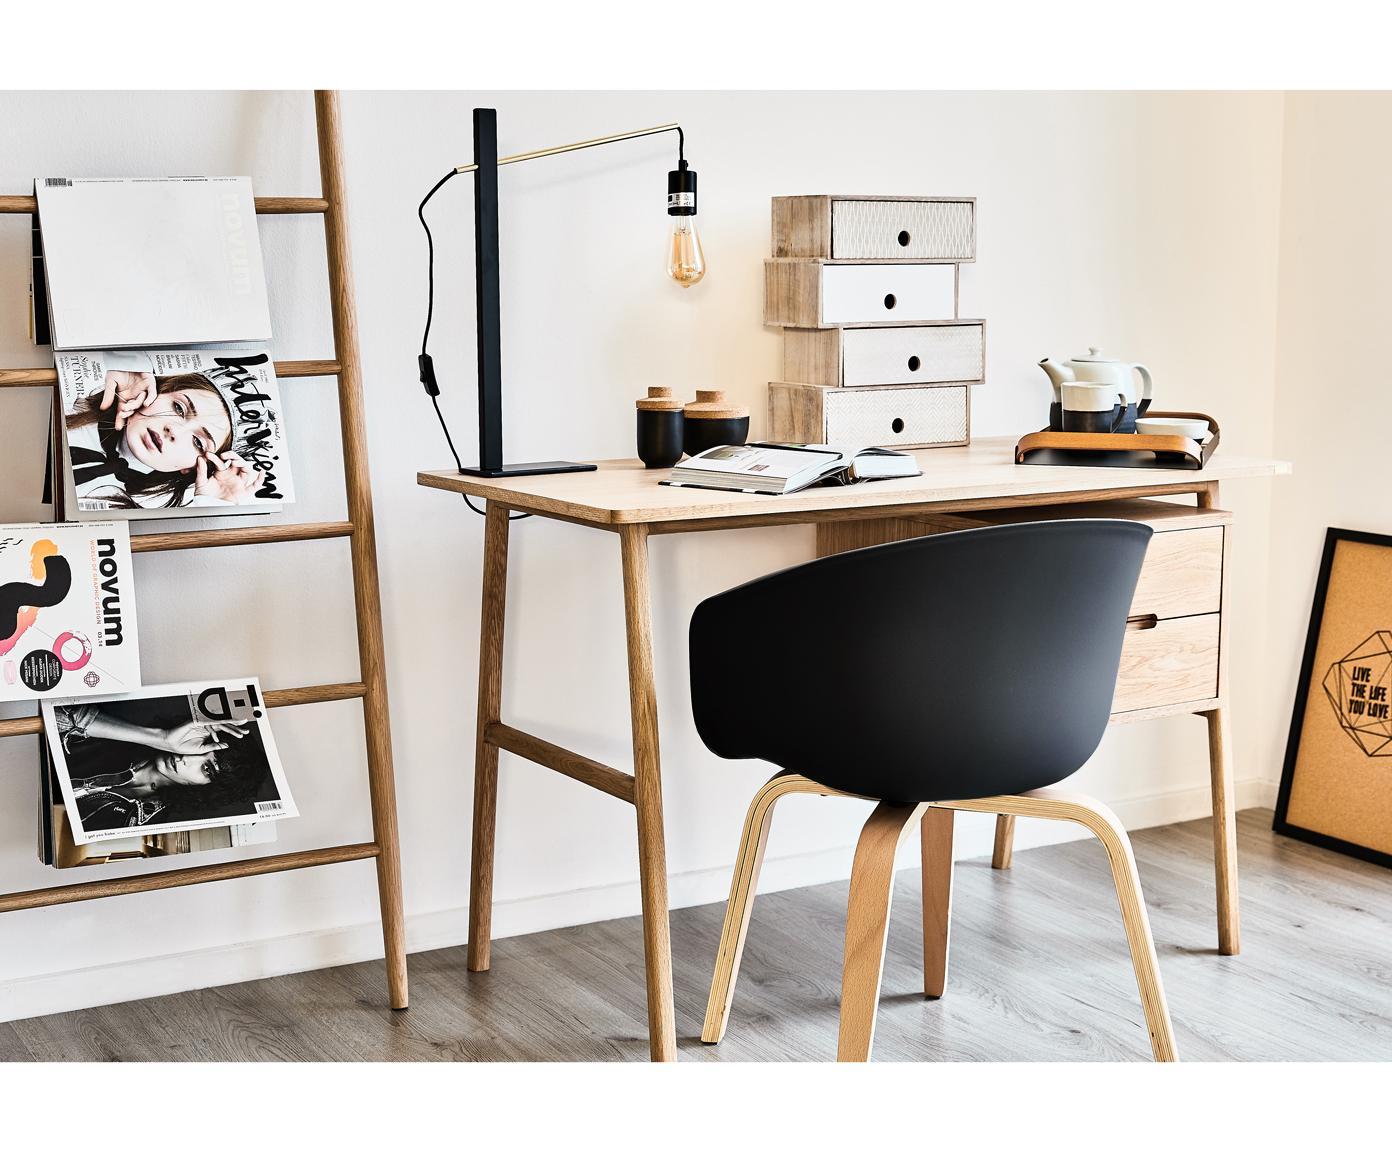 Kunststoff-Armlehnstuhl Claire mit Holzbeinen, Sitzschale: Kunststoff, Beine: Buchenholz, Kunststoff Schwarz, B 54 x T 60 cm